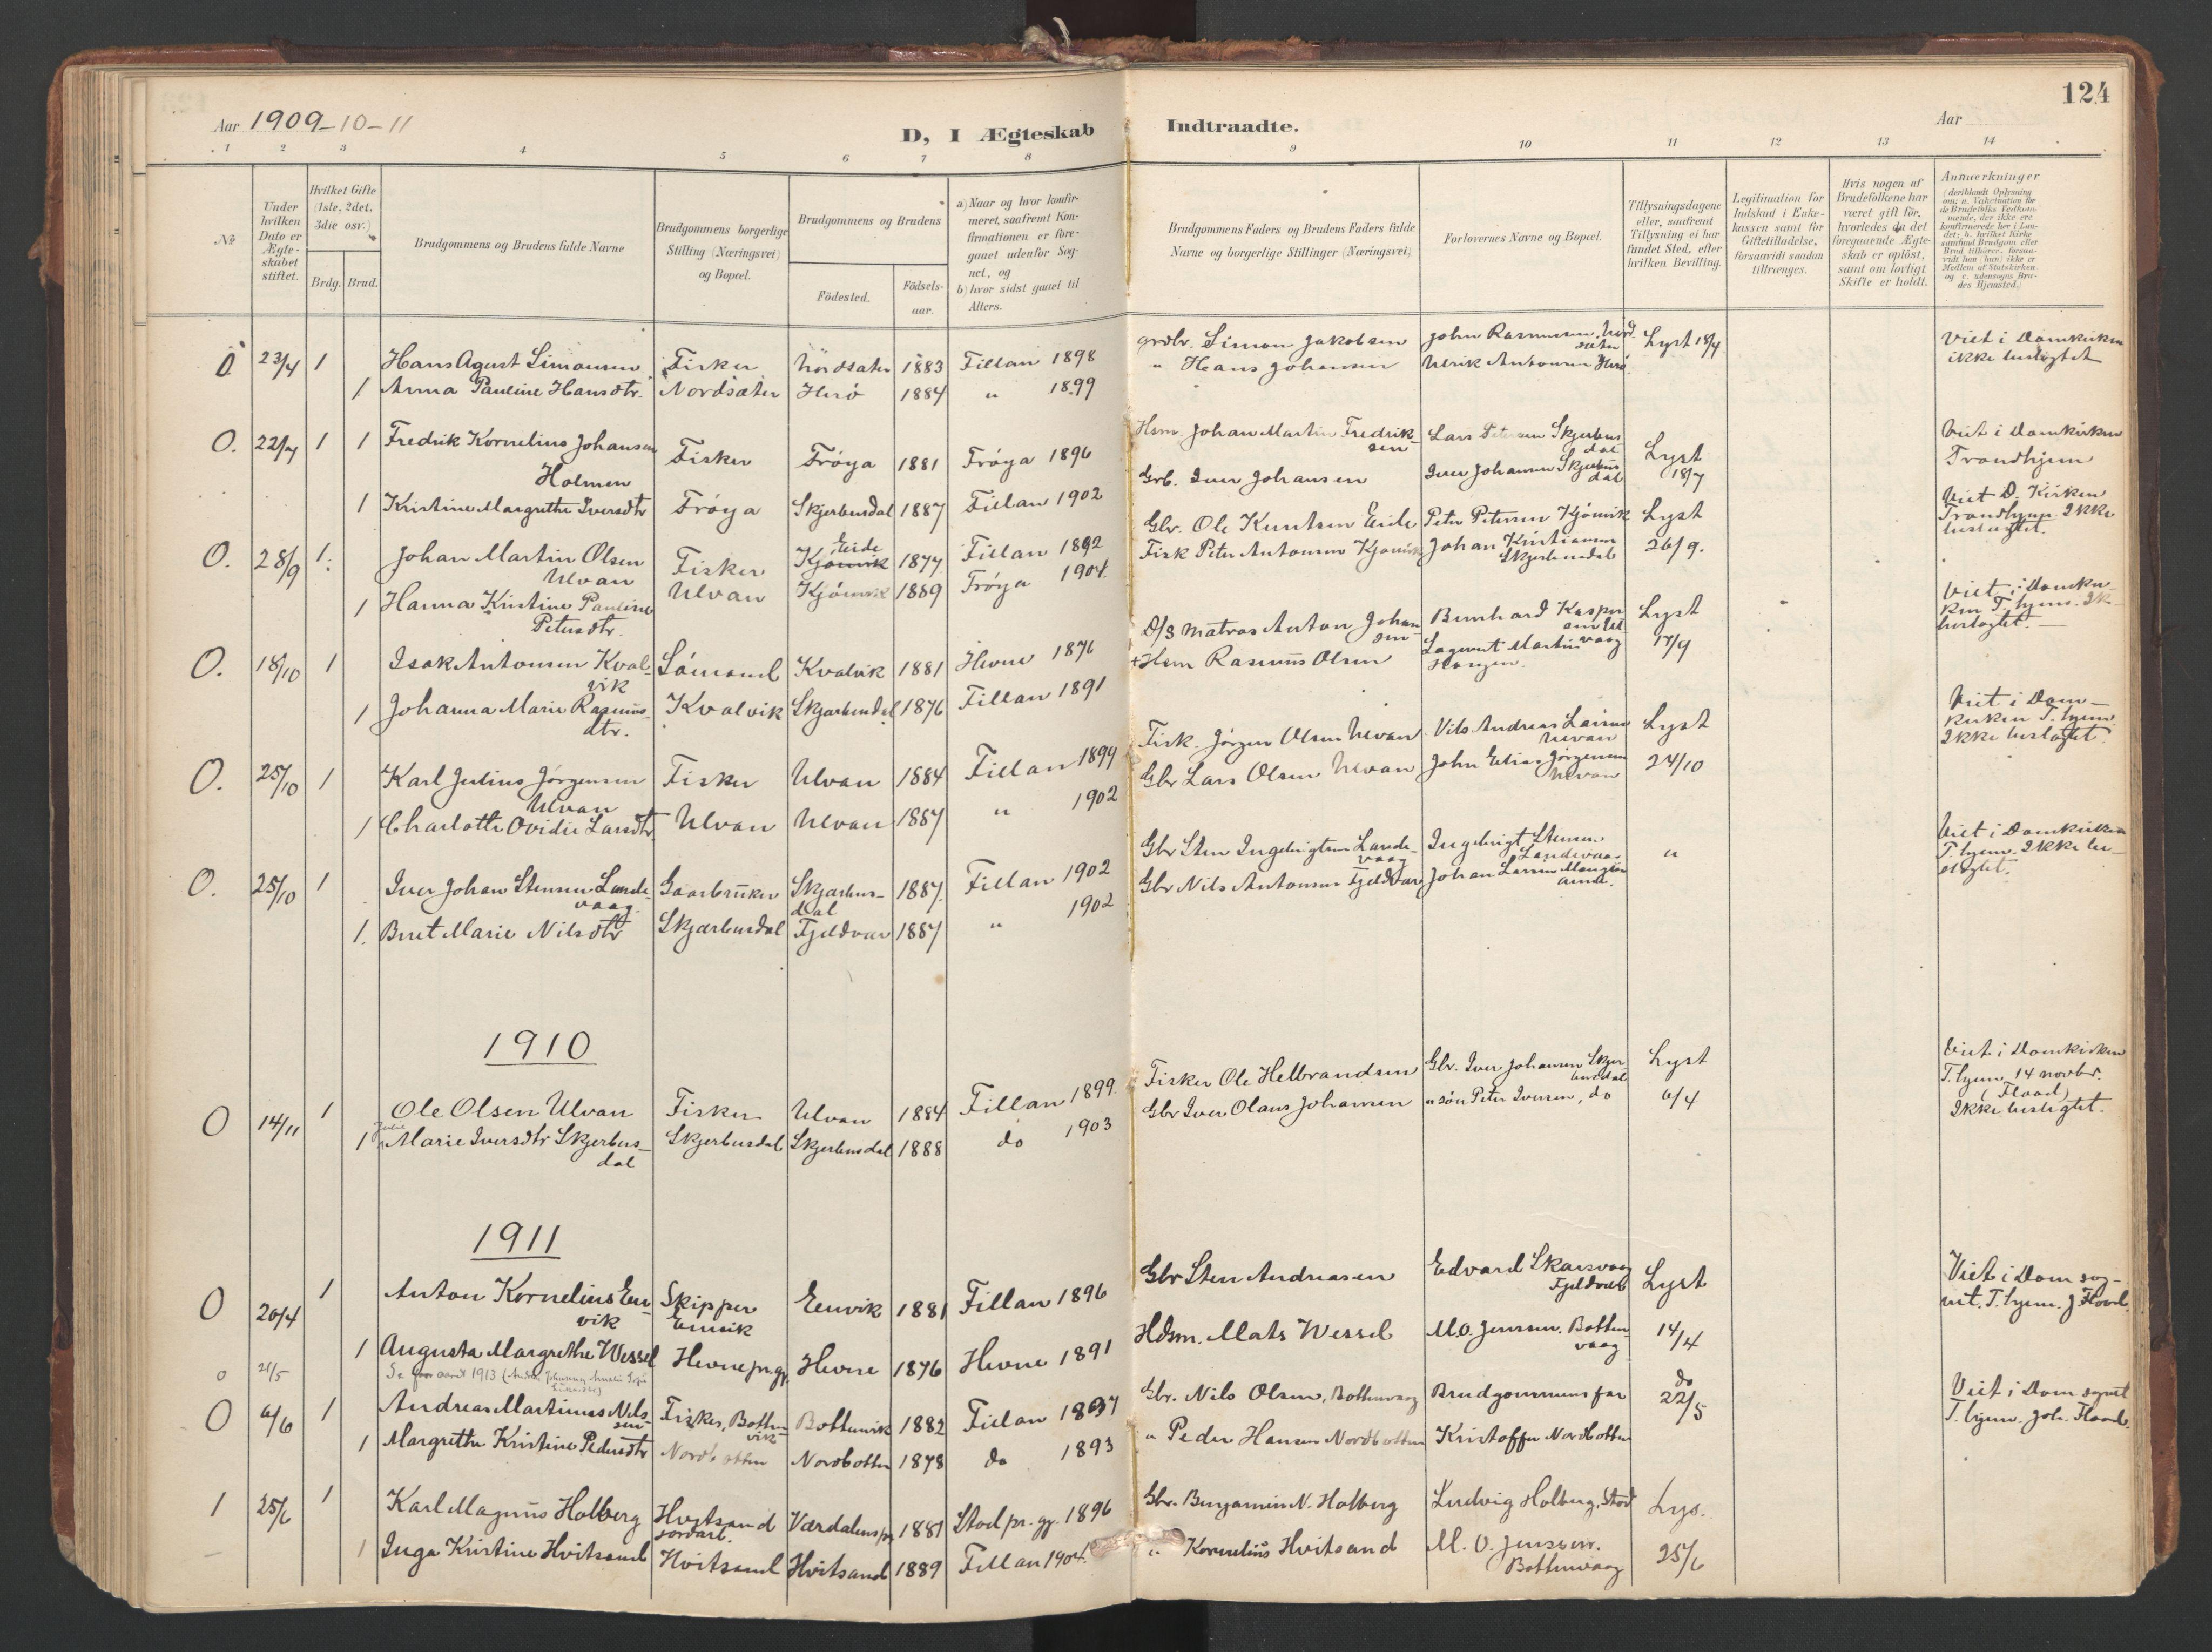 SAT, Ministerialprotokoller, klokkerbøker og fødselsregistre - Sør-Trøndelag, 638/L0568: Ministerialbok nr. 638A01, 1901-1916, s. 124